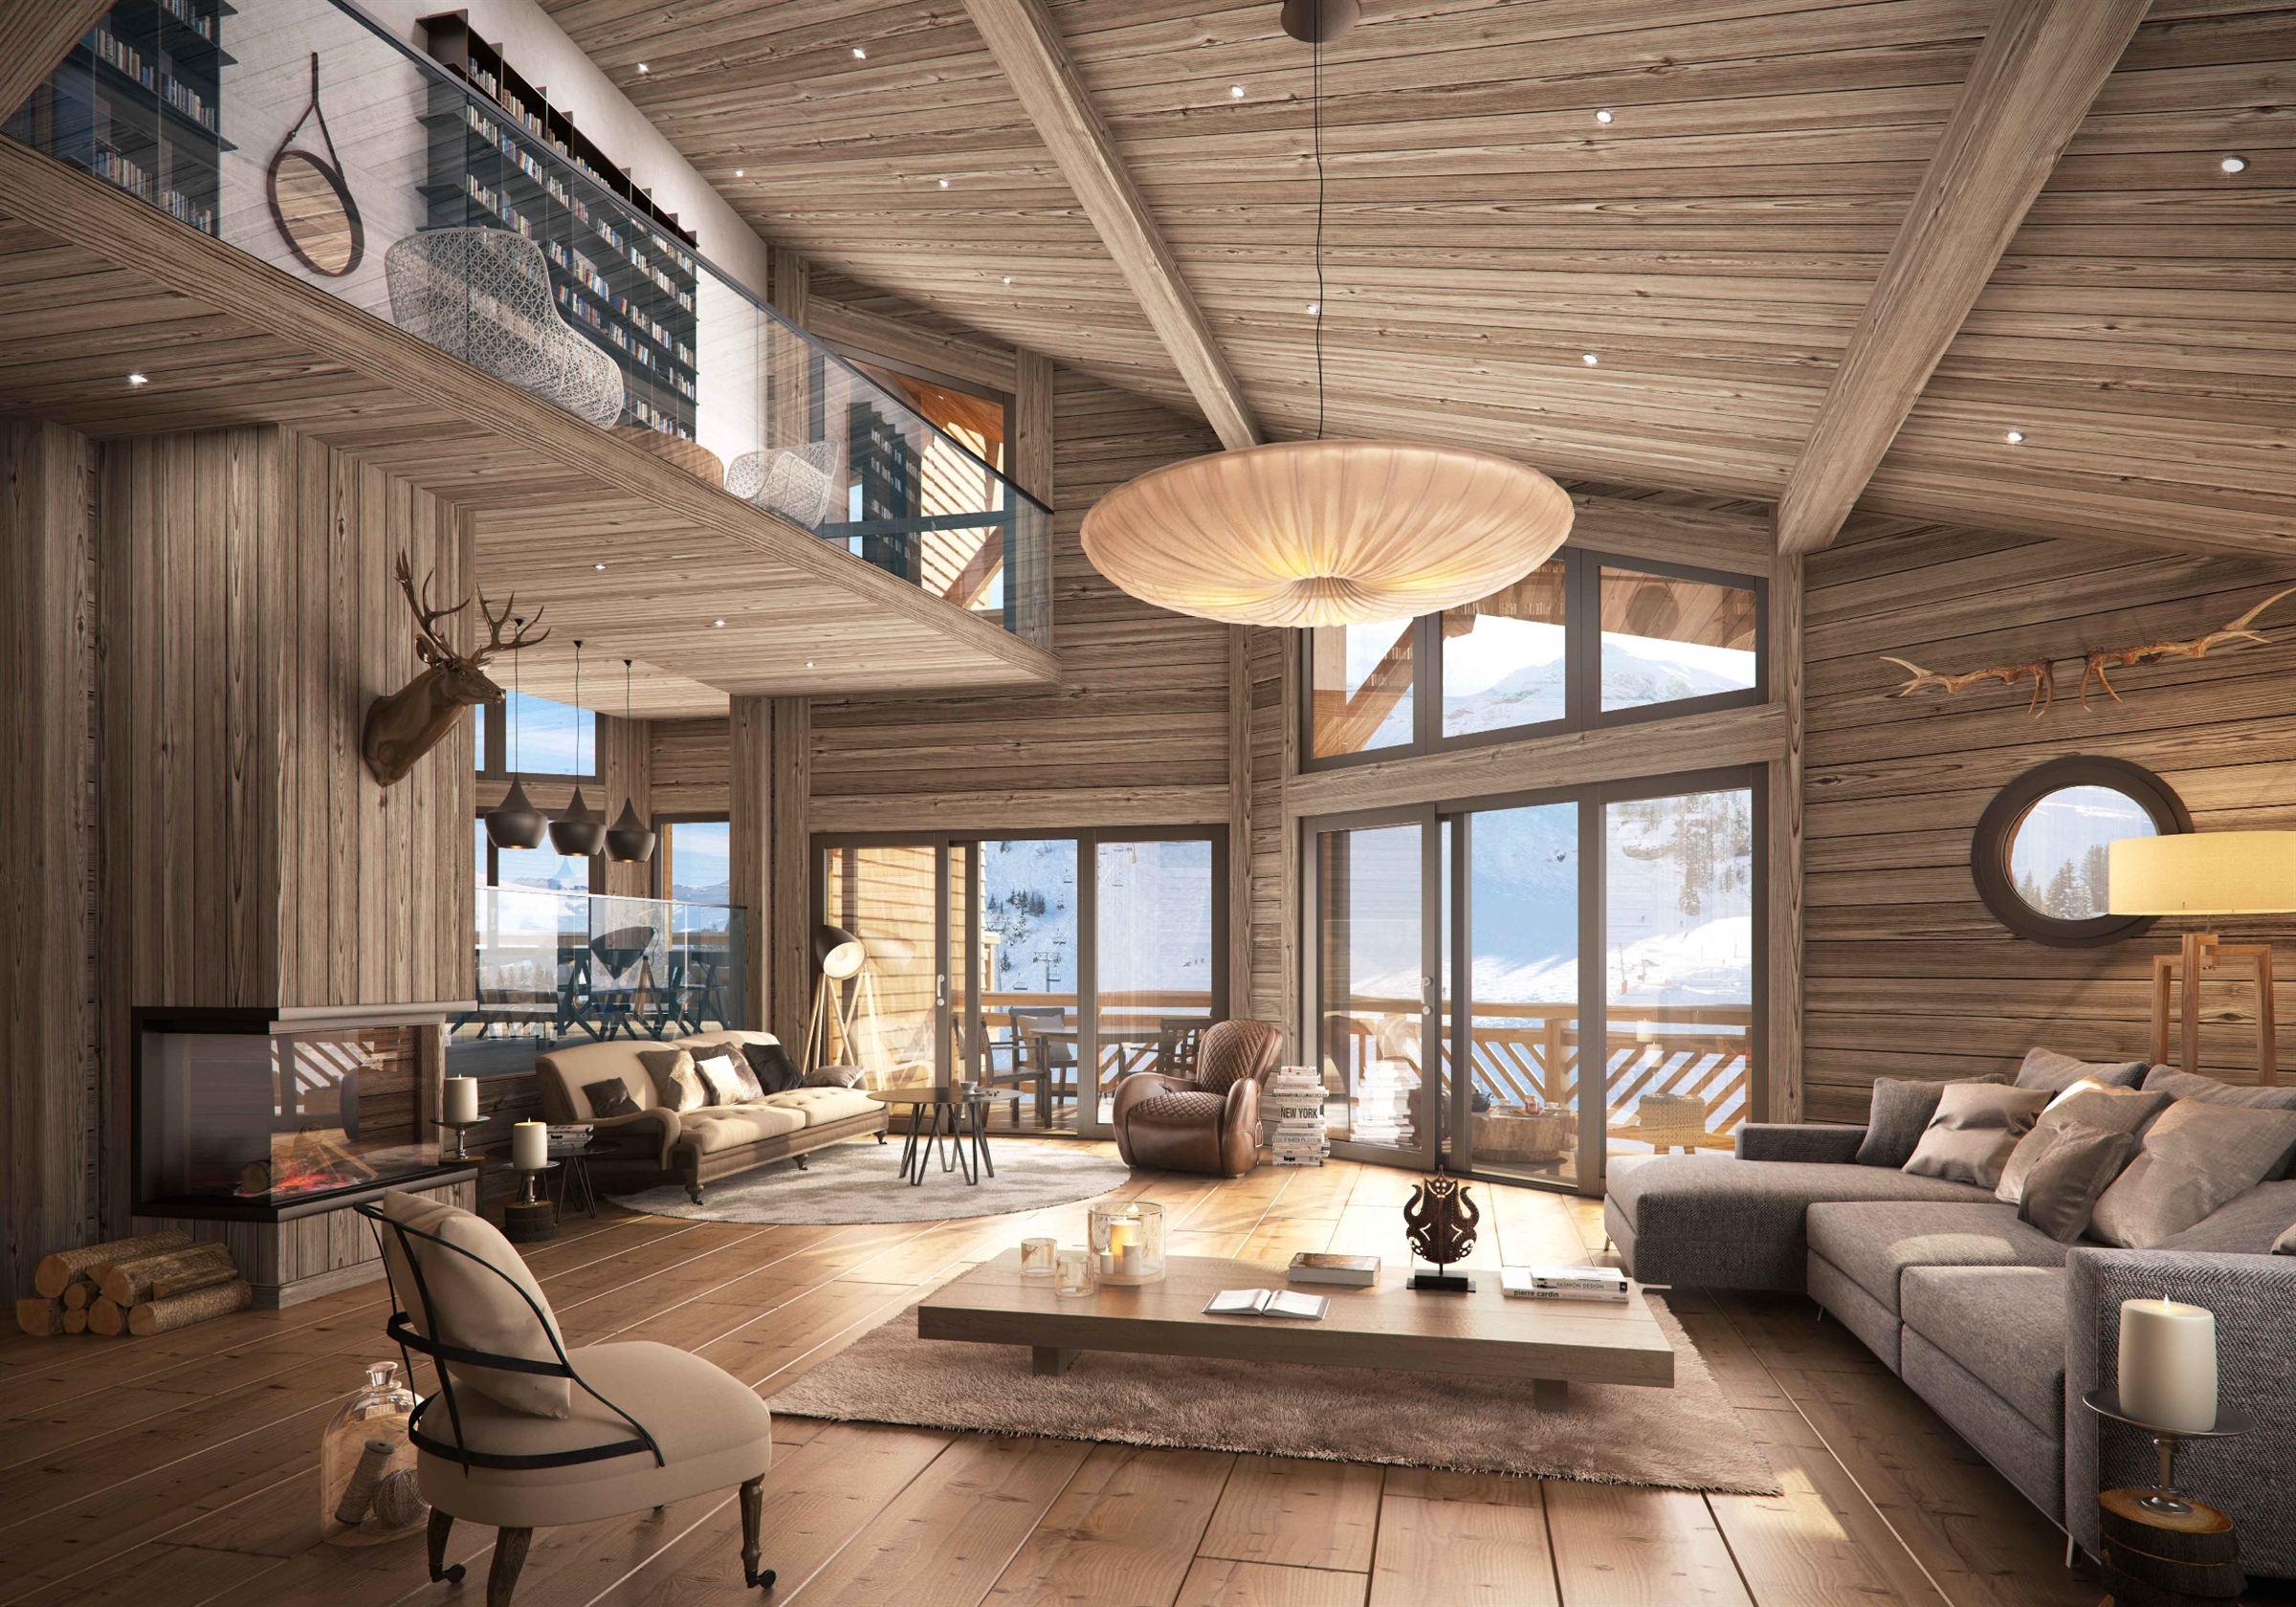 独户住宅 为 销售 在 Chalet Morzine, 罗纳阿尔卑斯, 74110 法国